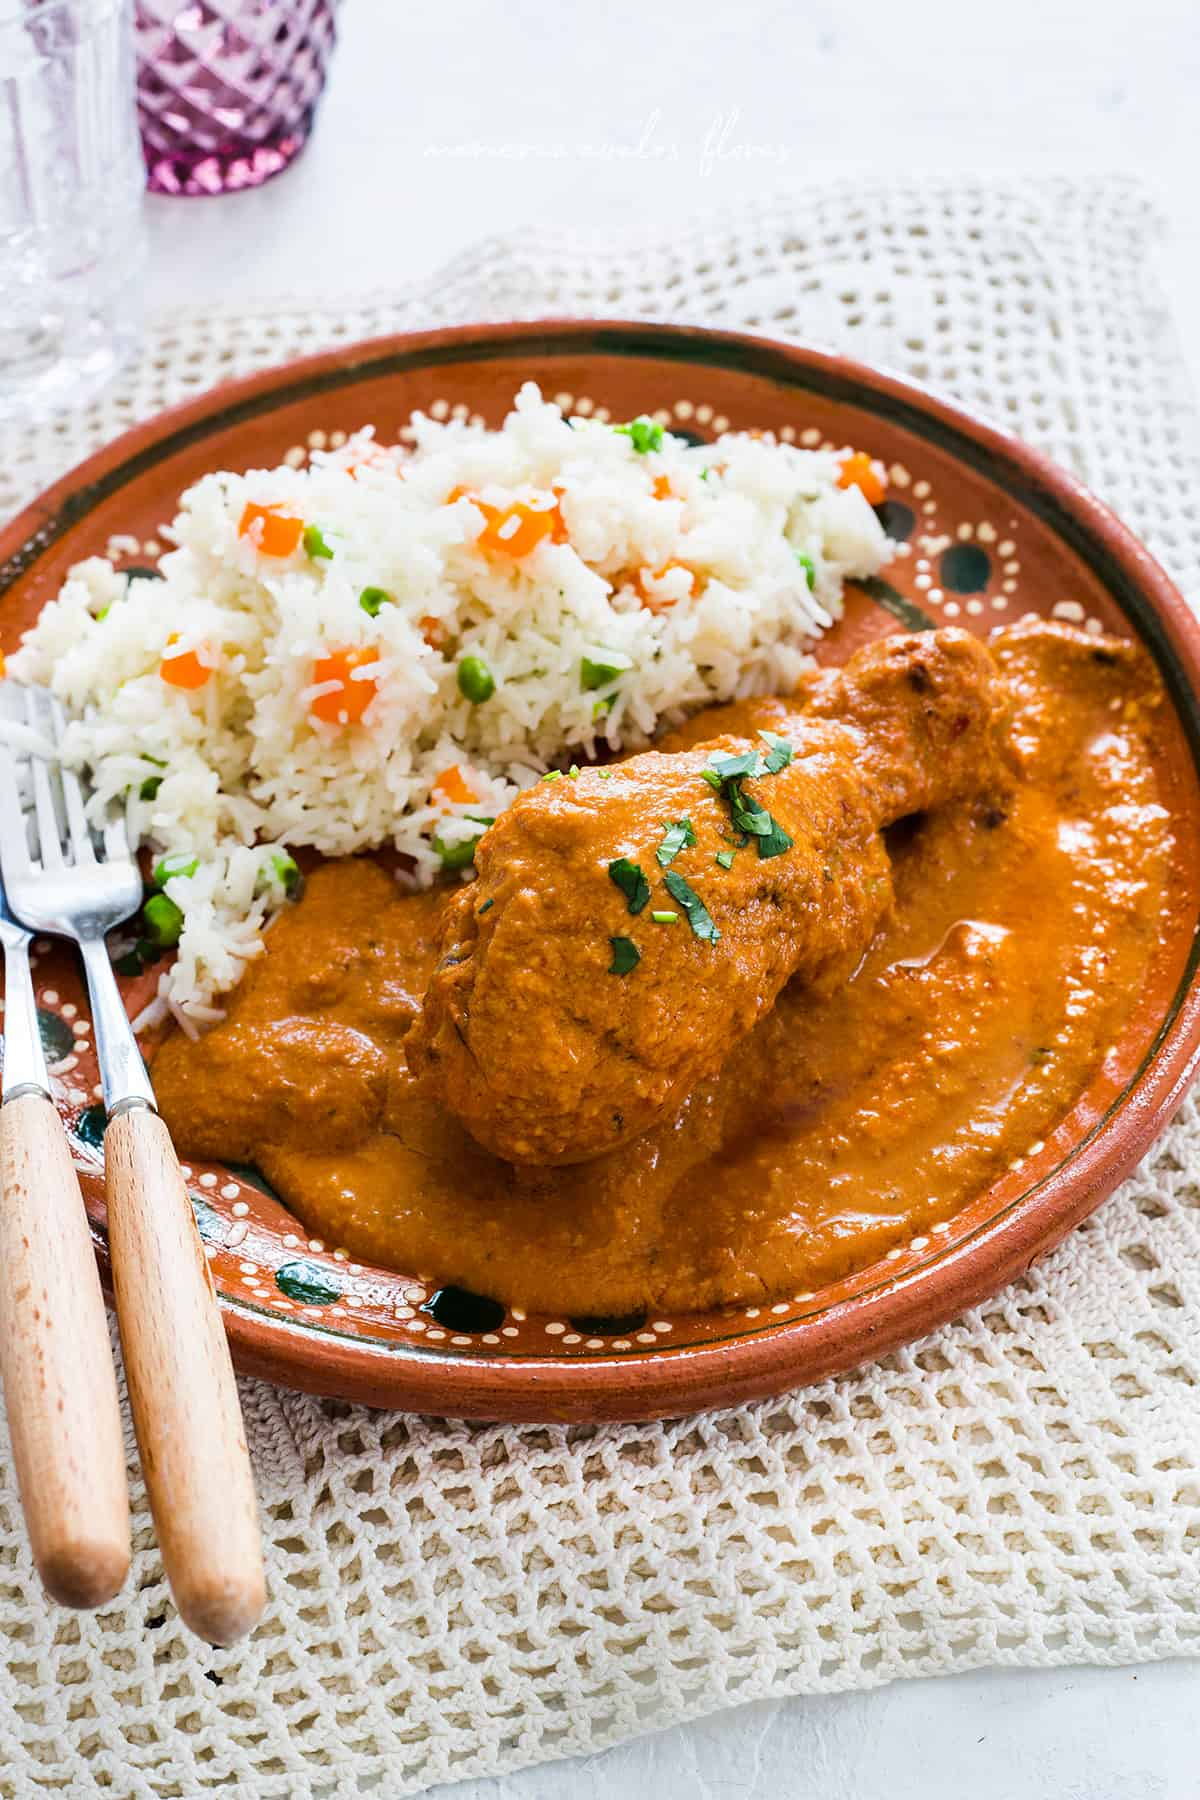 Pollo encacahuatado servido en un plato de barro y acompañado con arroz blanco. Receta tradicional mexicana.